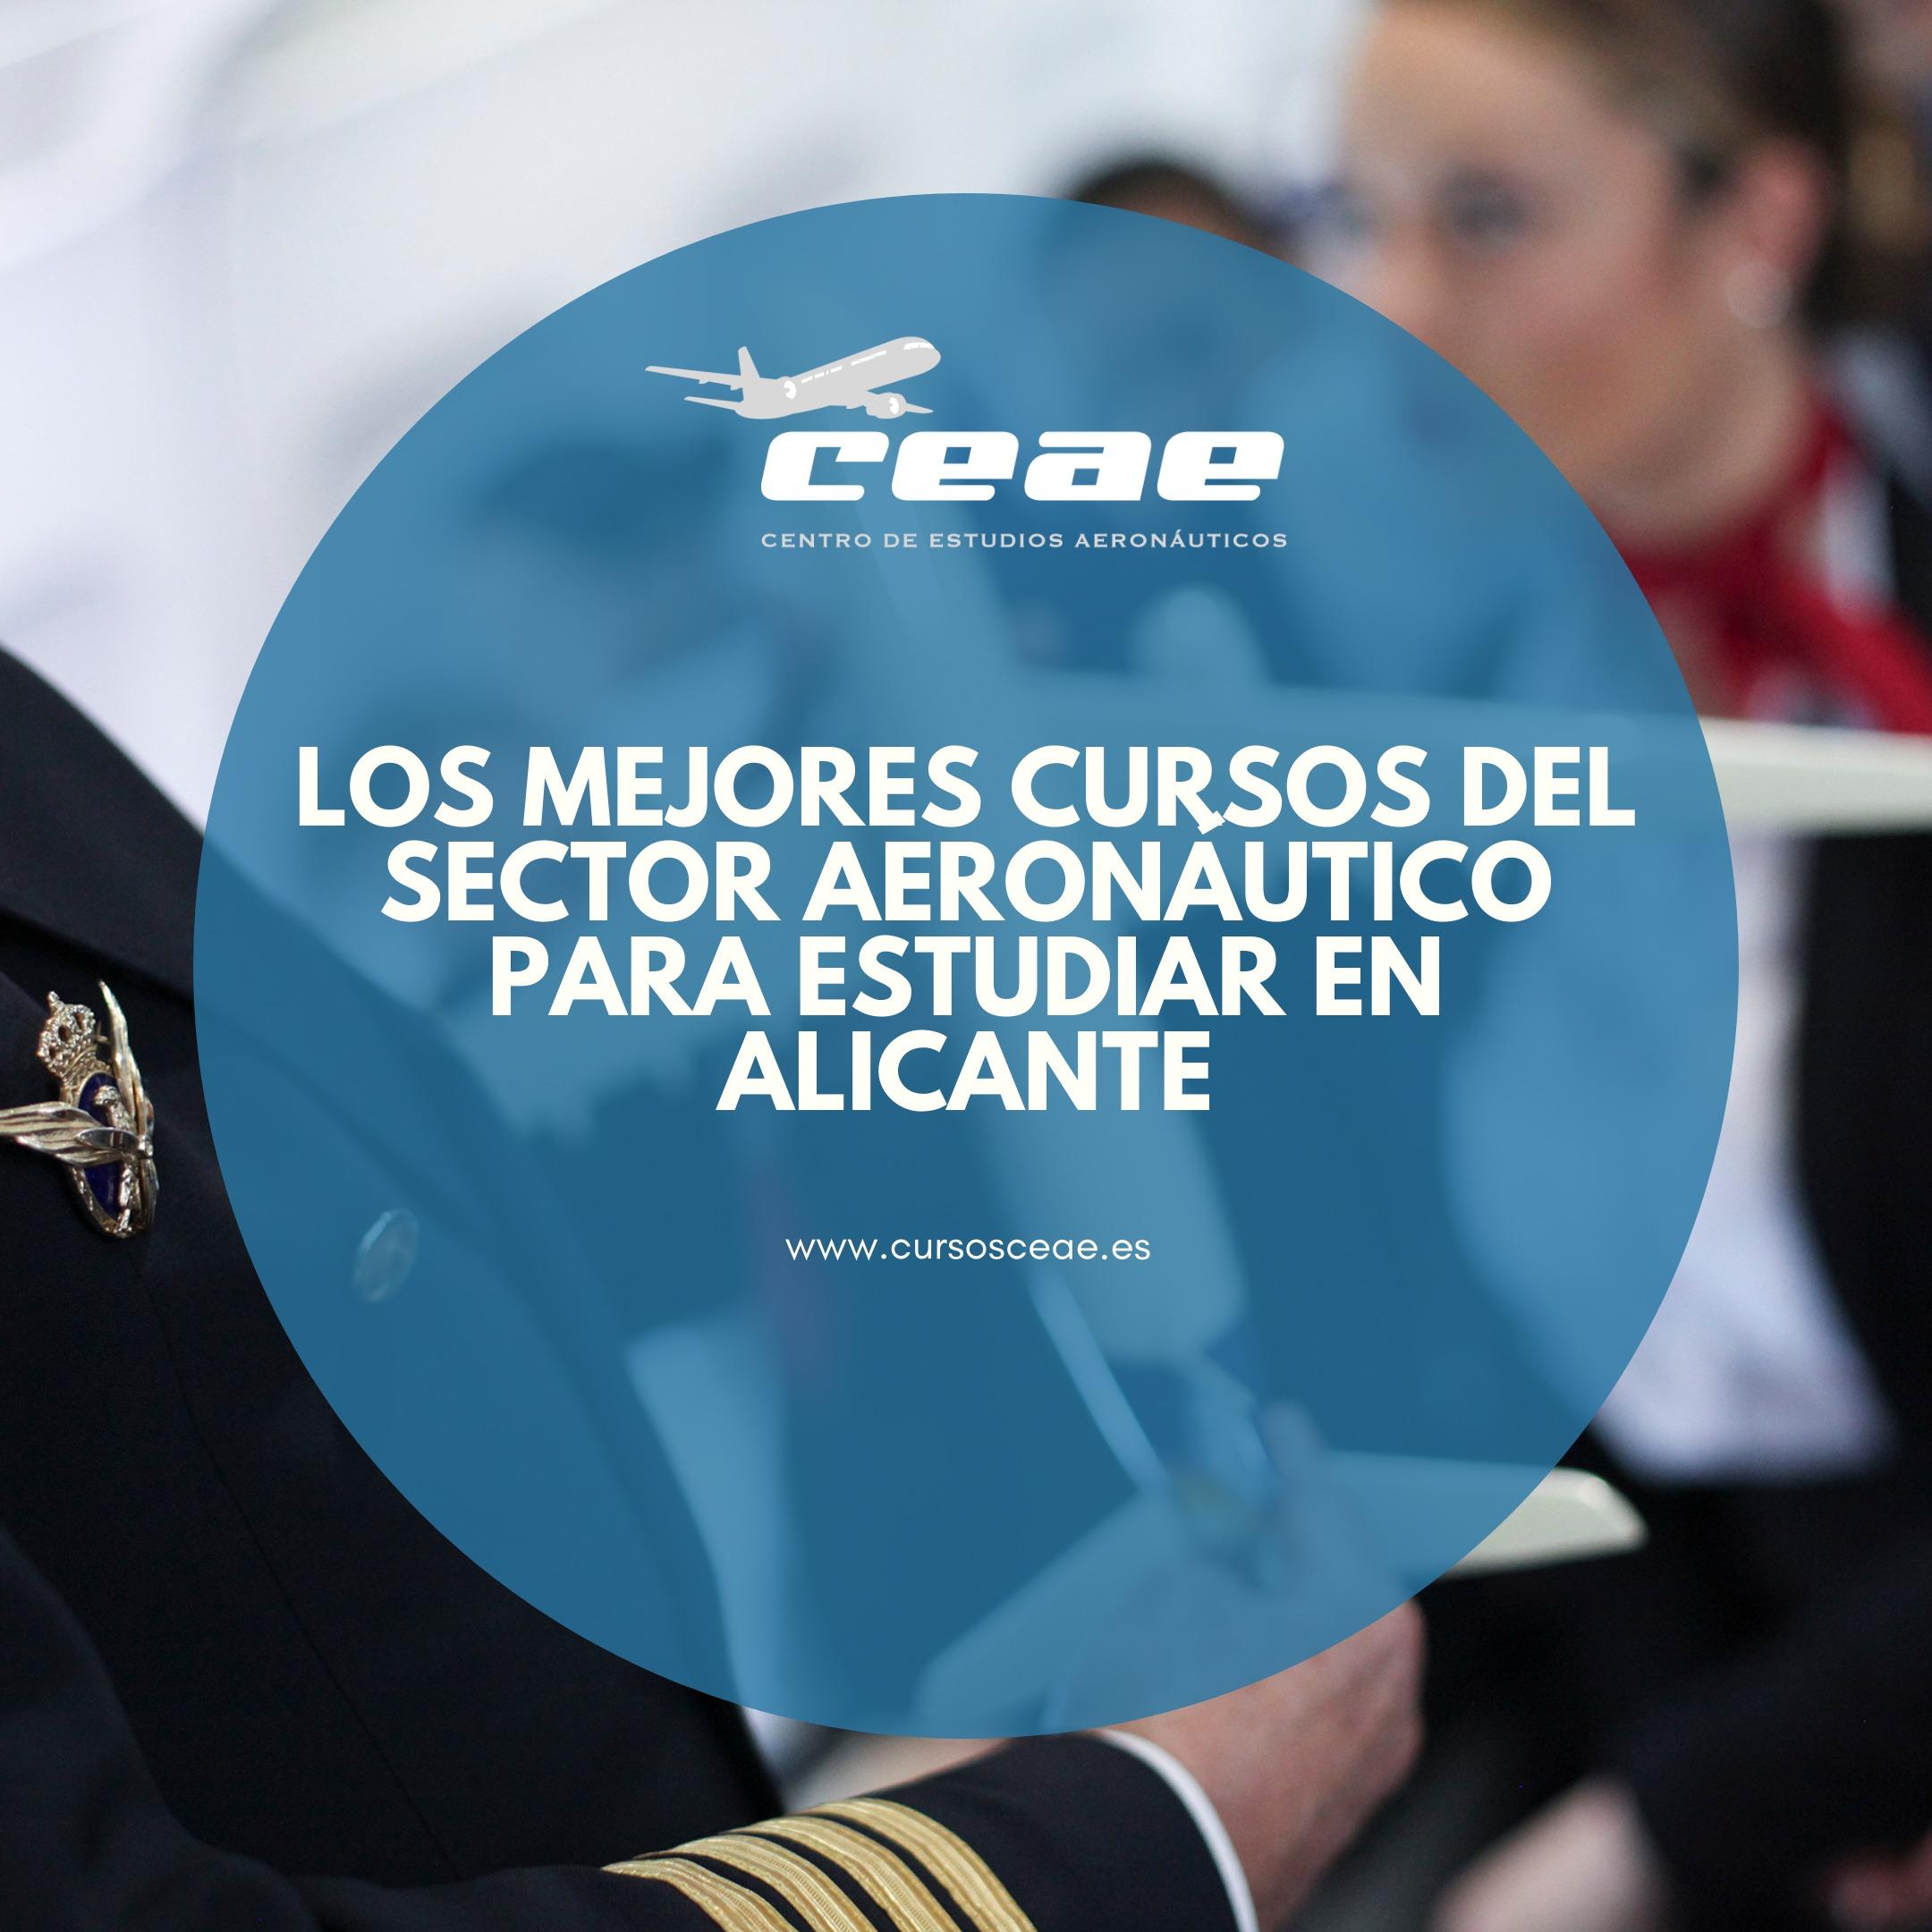 Los mejores cursos del sector aeronáutico para estudiar en Alicante